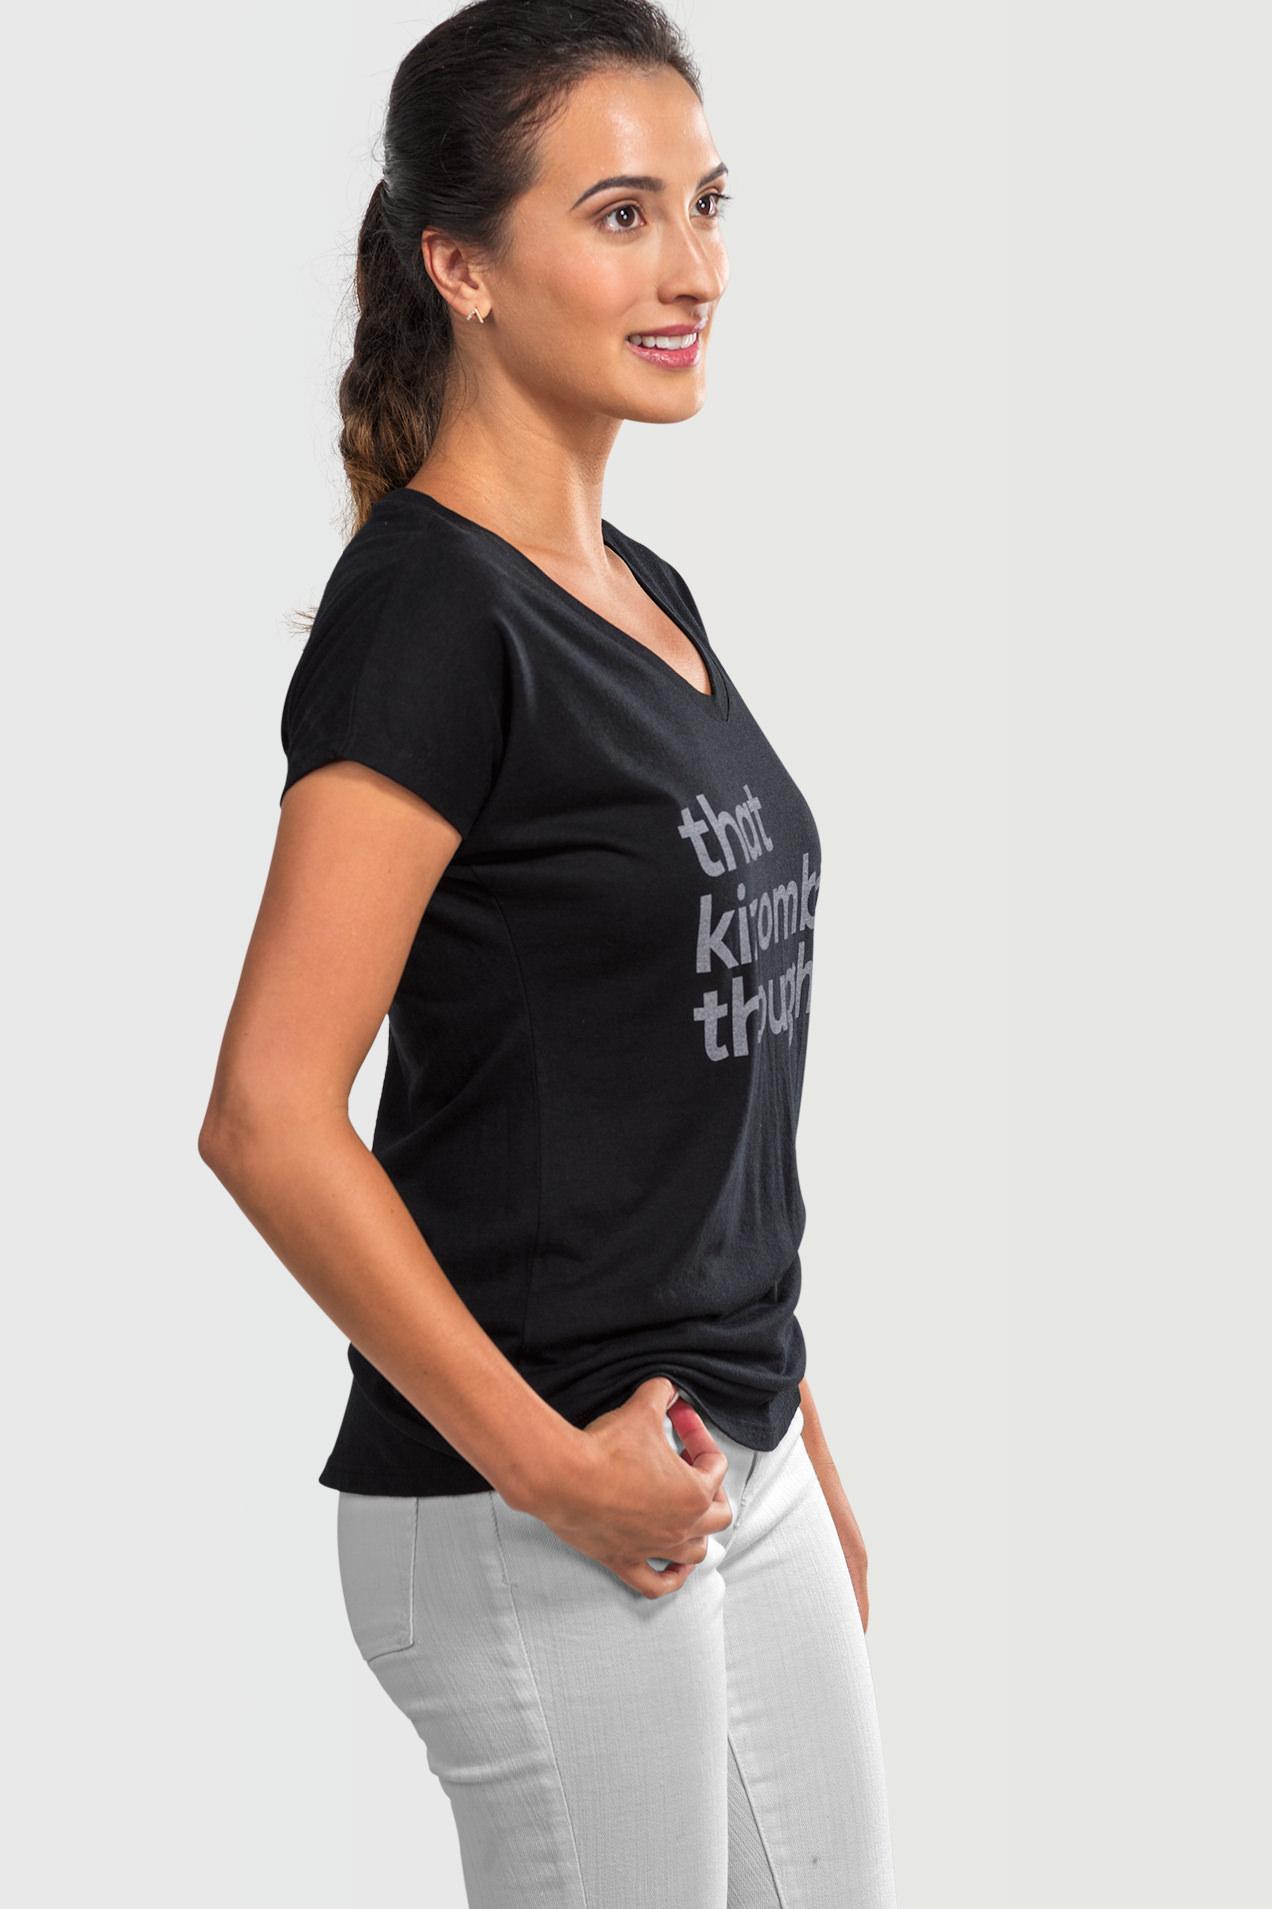 98781a825f29b4 That Kizomba Though - Women's T-shirt - Motion Envy